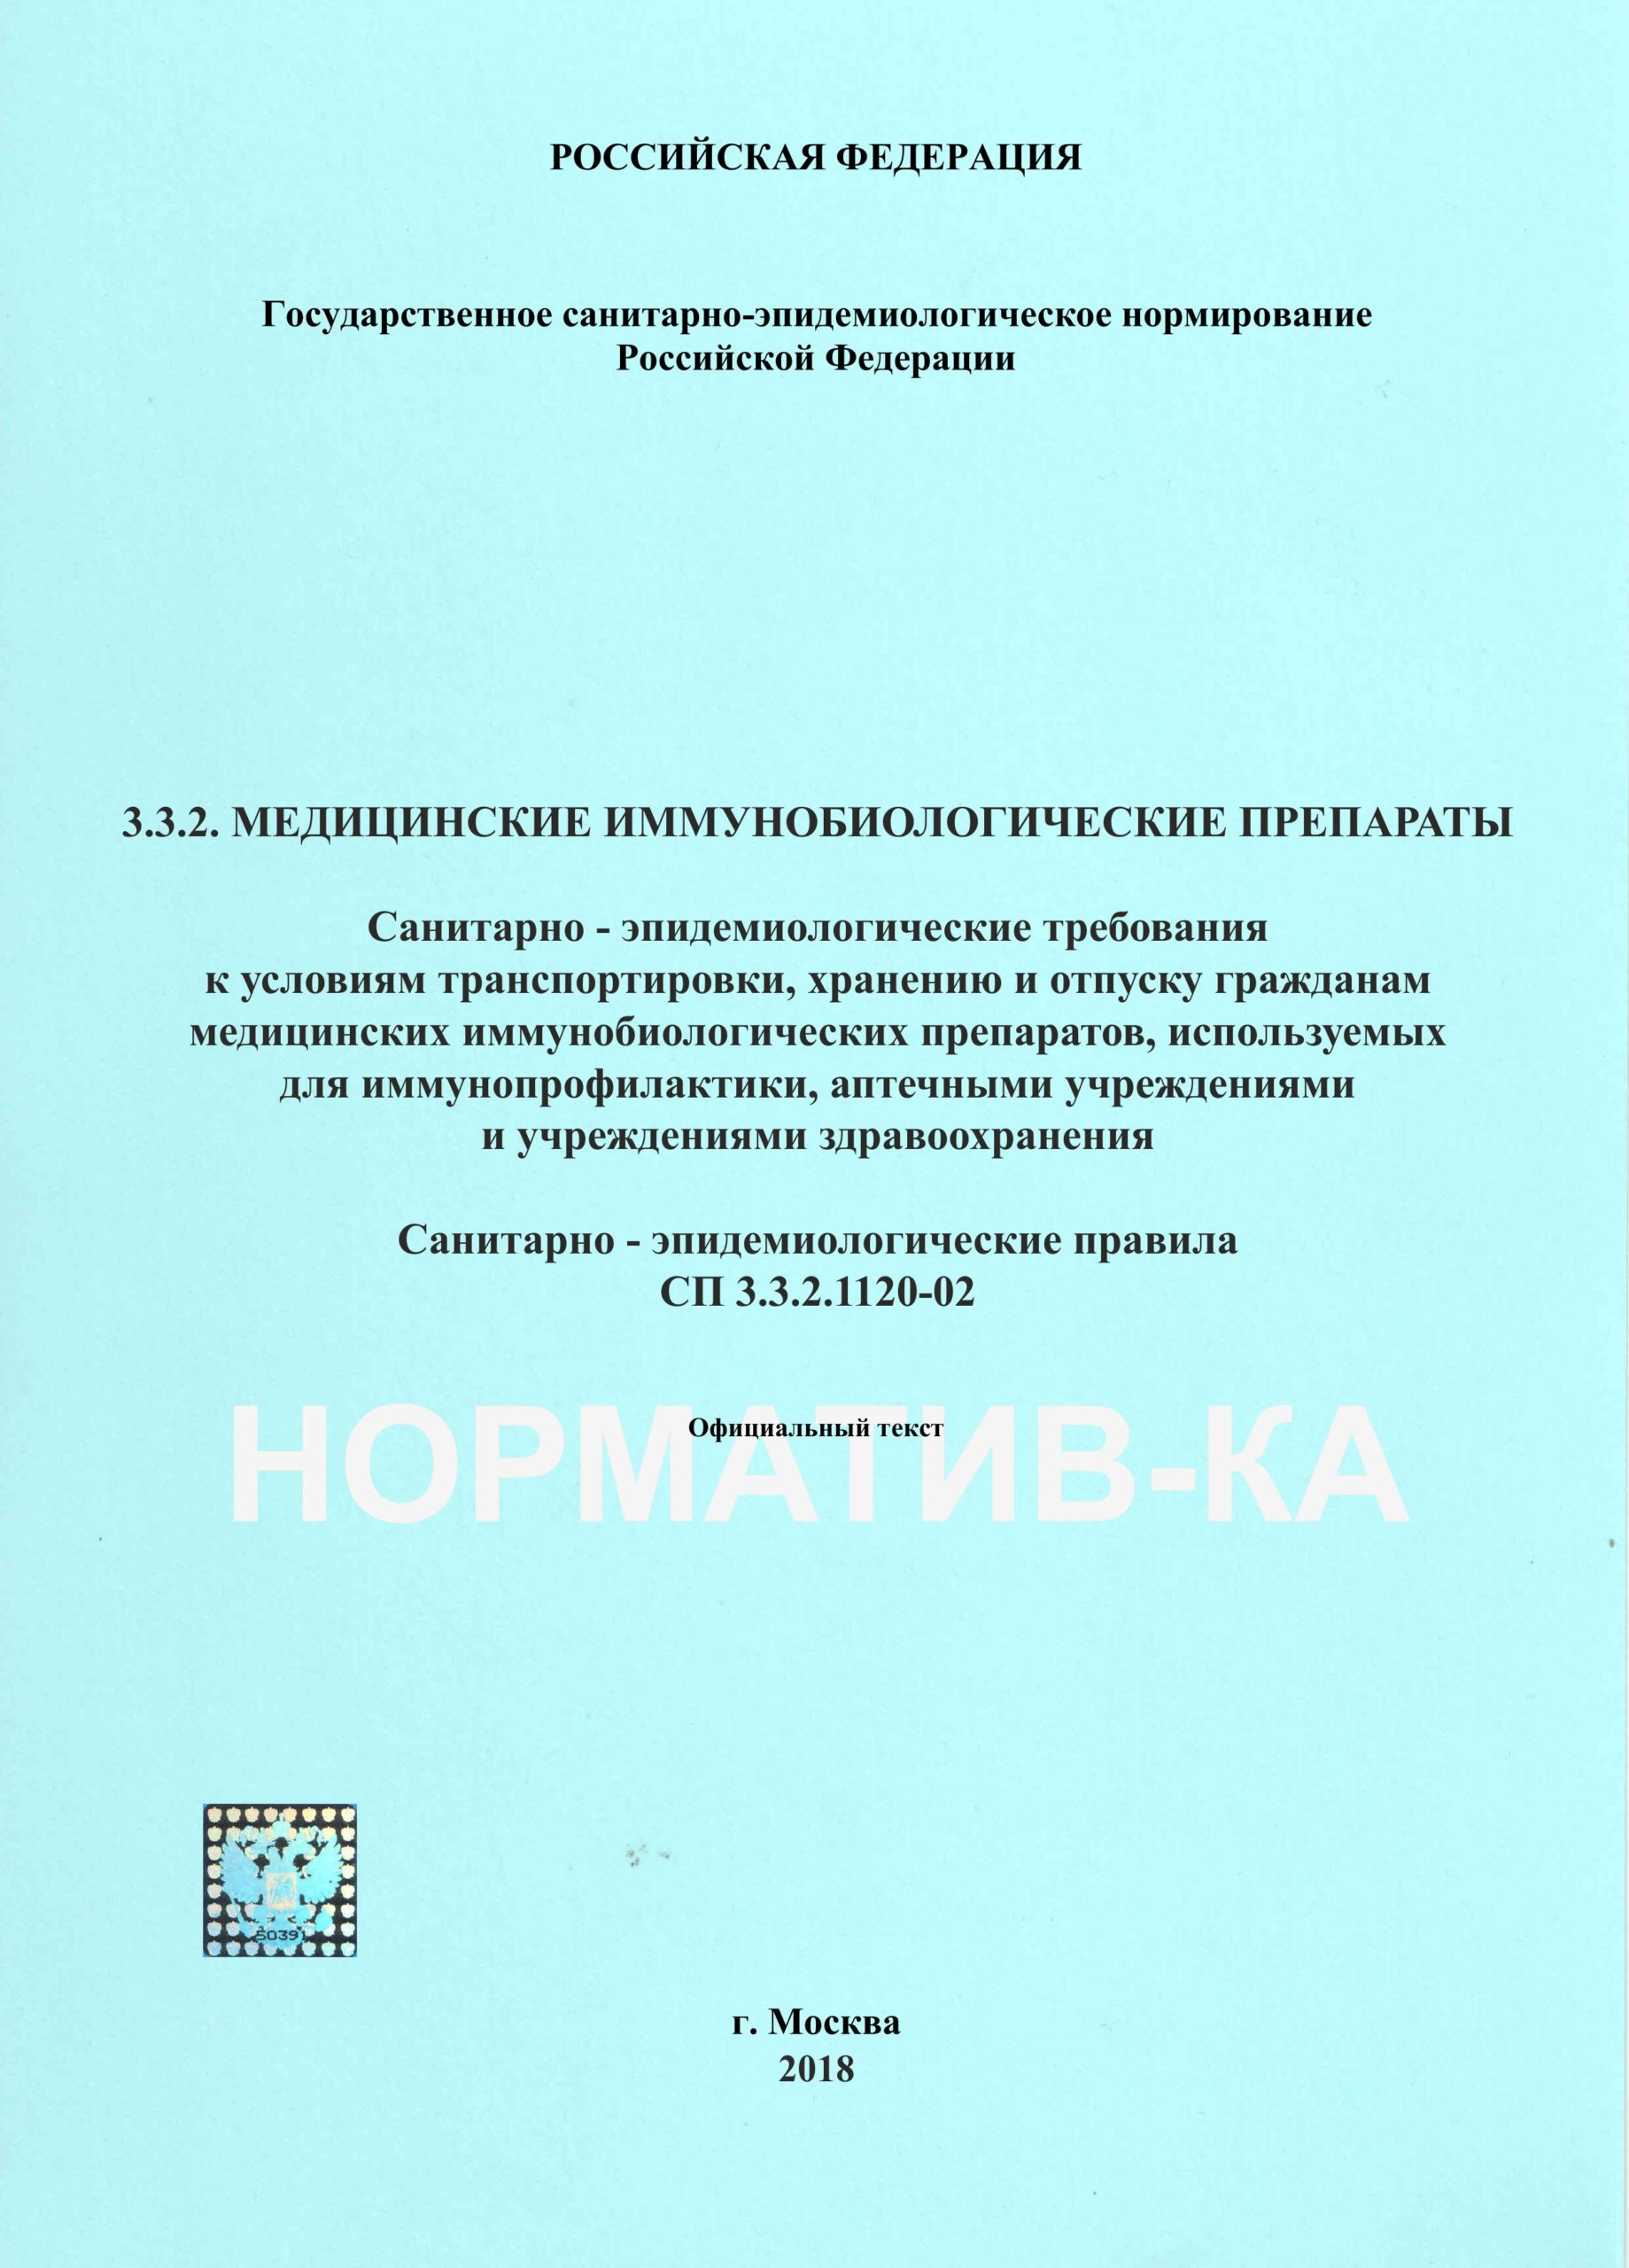 СП 3.3.2.1120-02